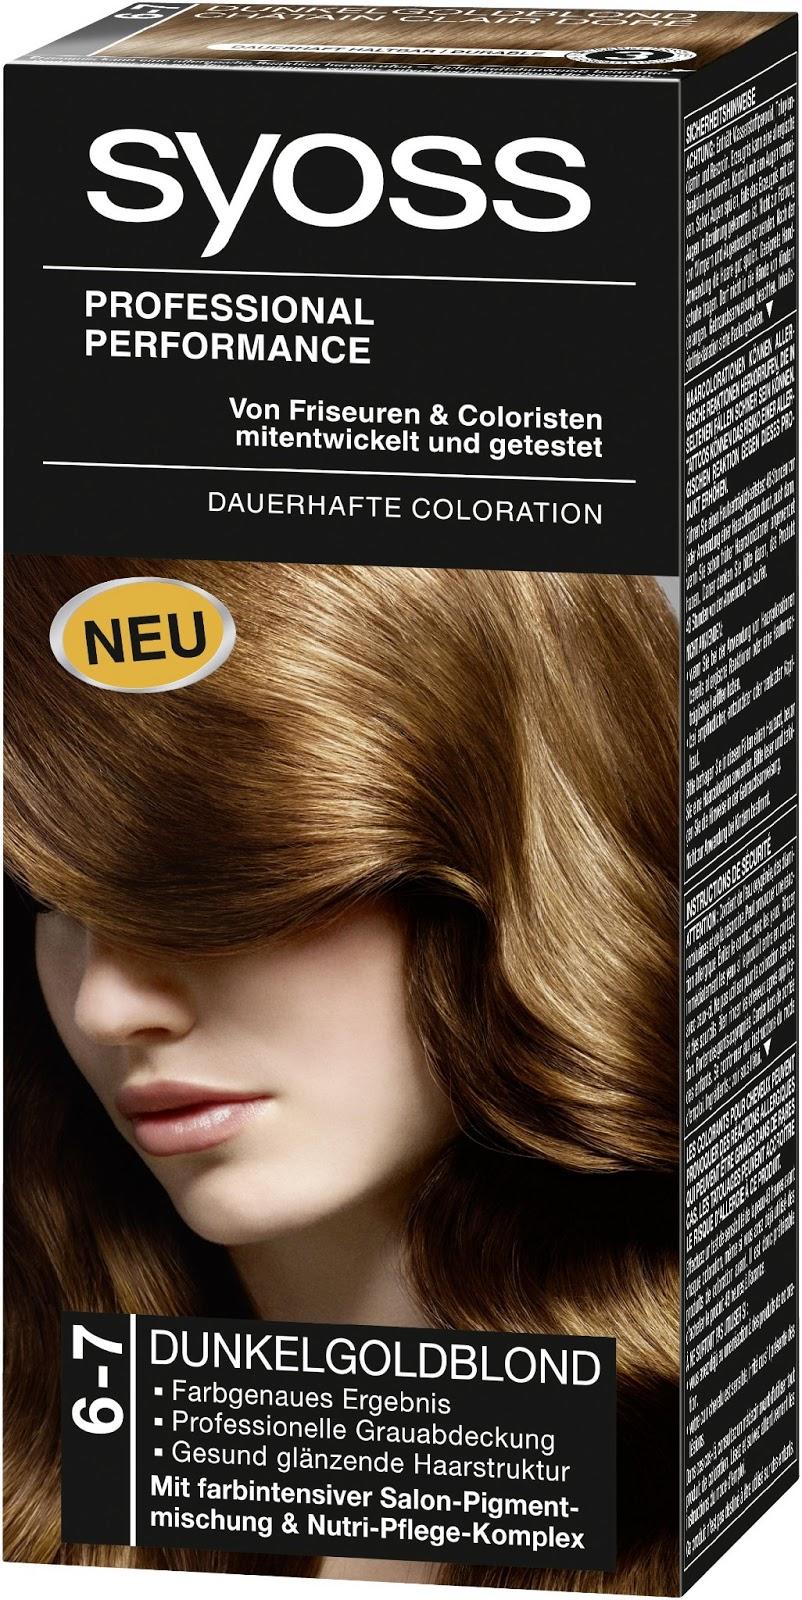 Визаж краска для волос